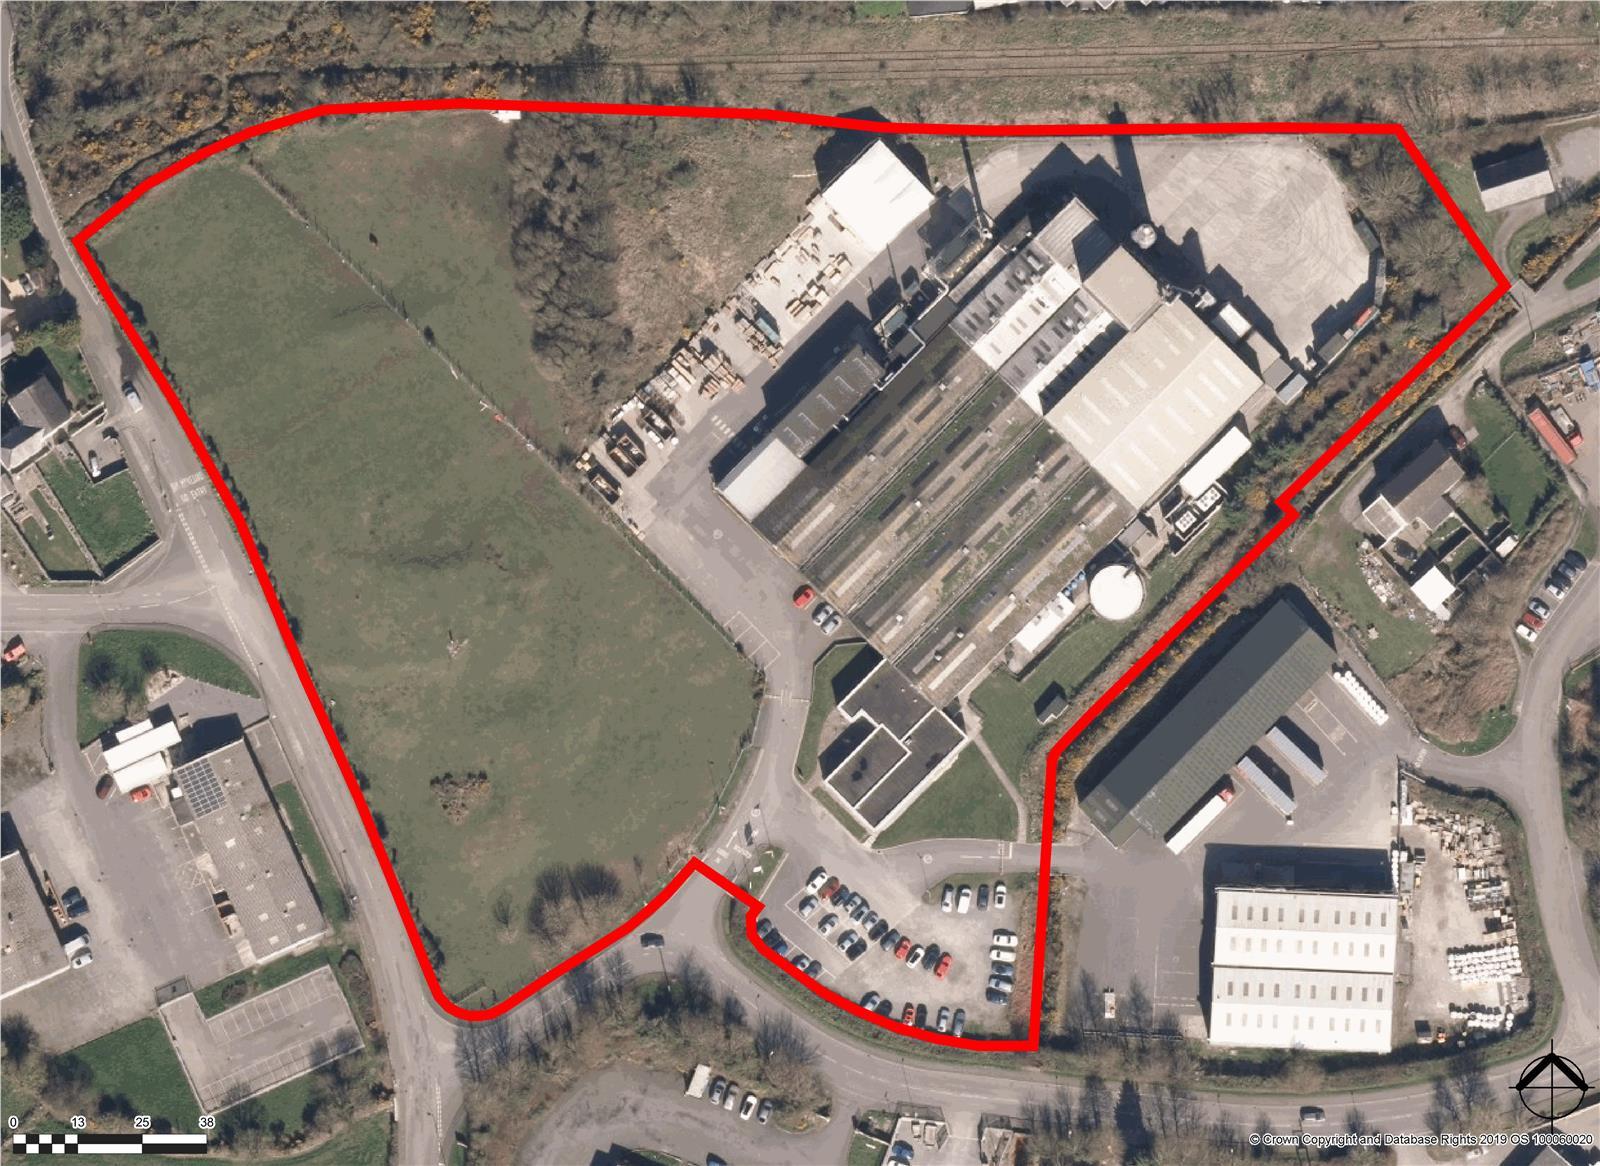 Amlwch Industrial Estate, Amlwch, Anglesey, LL68 9BX